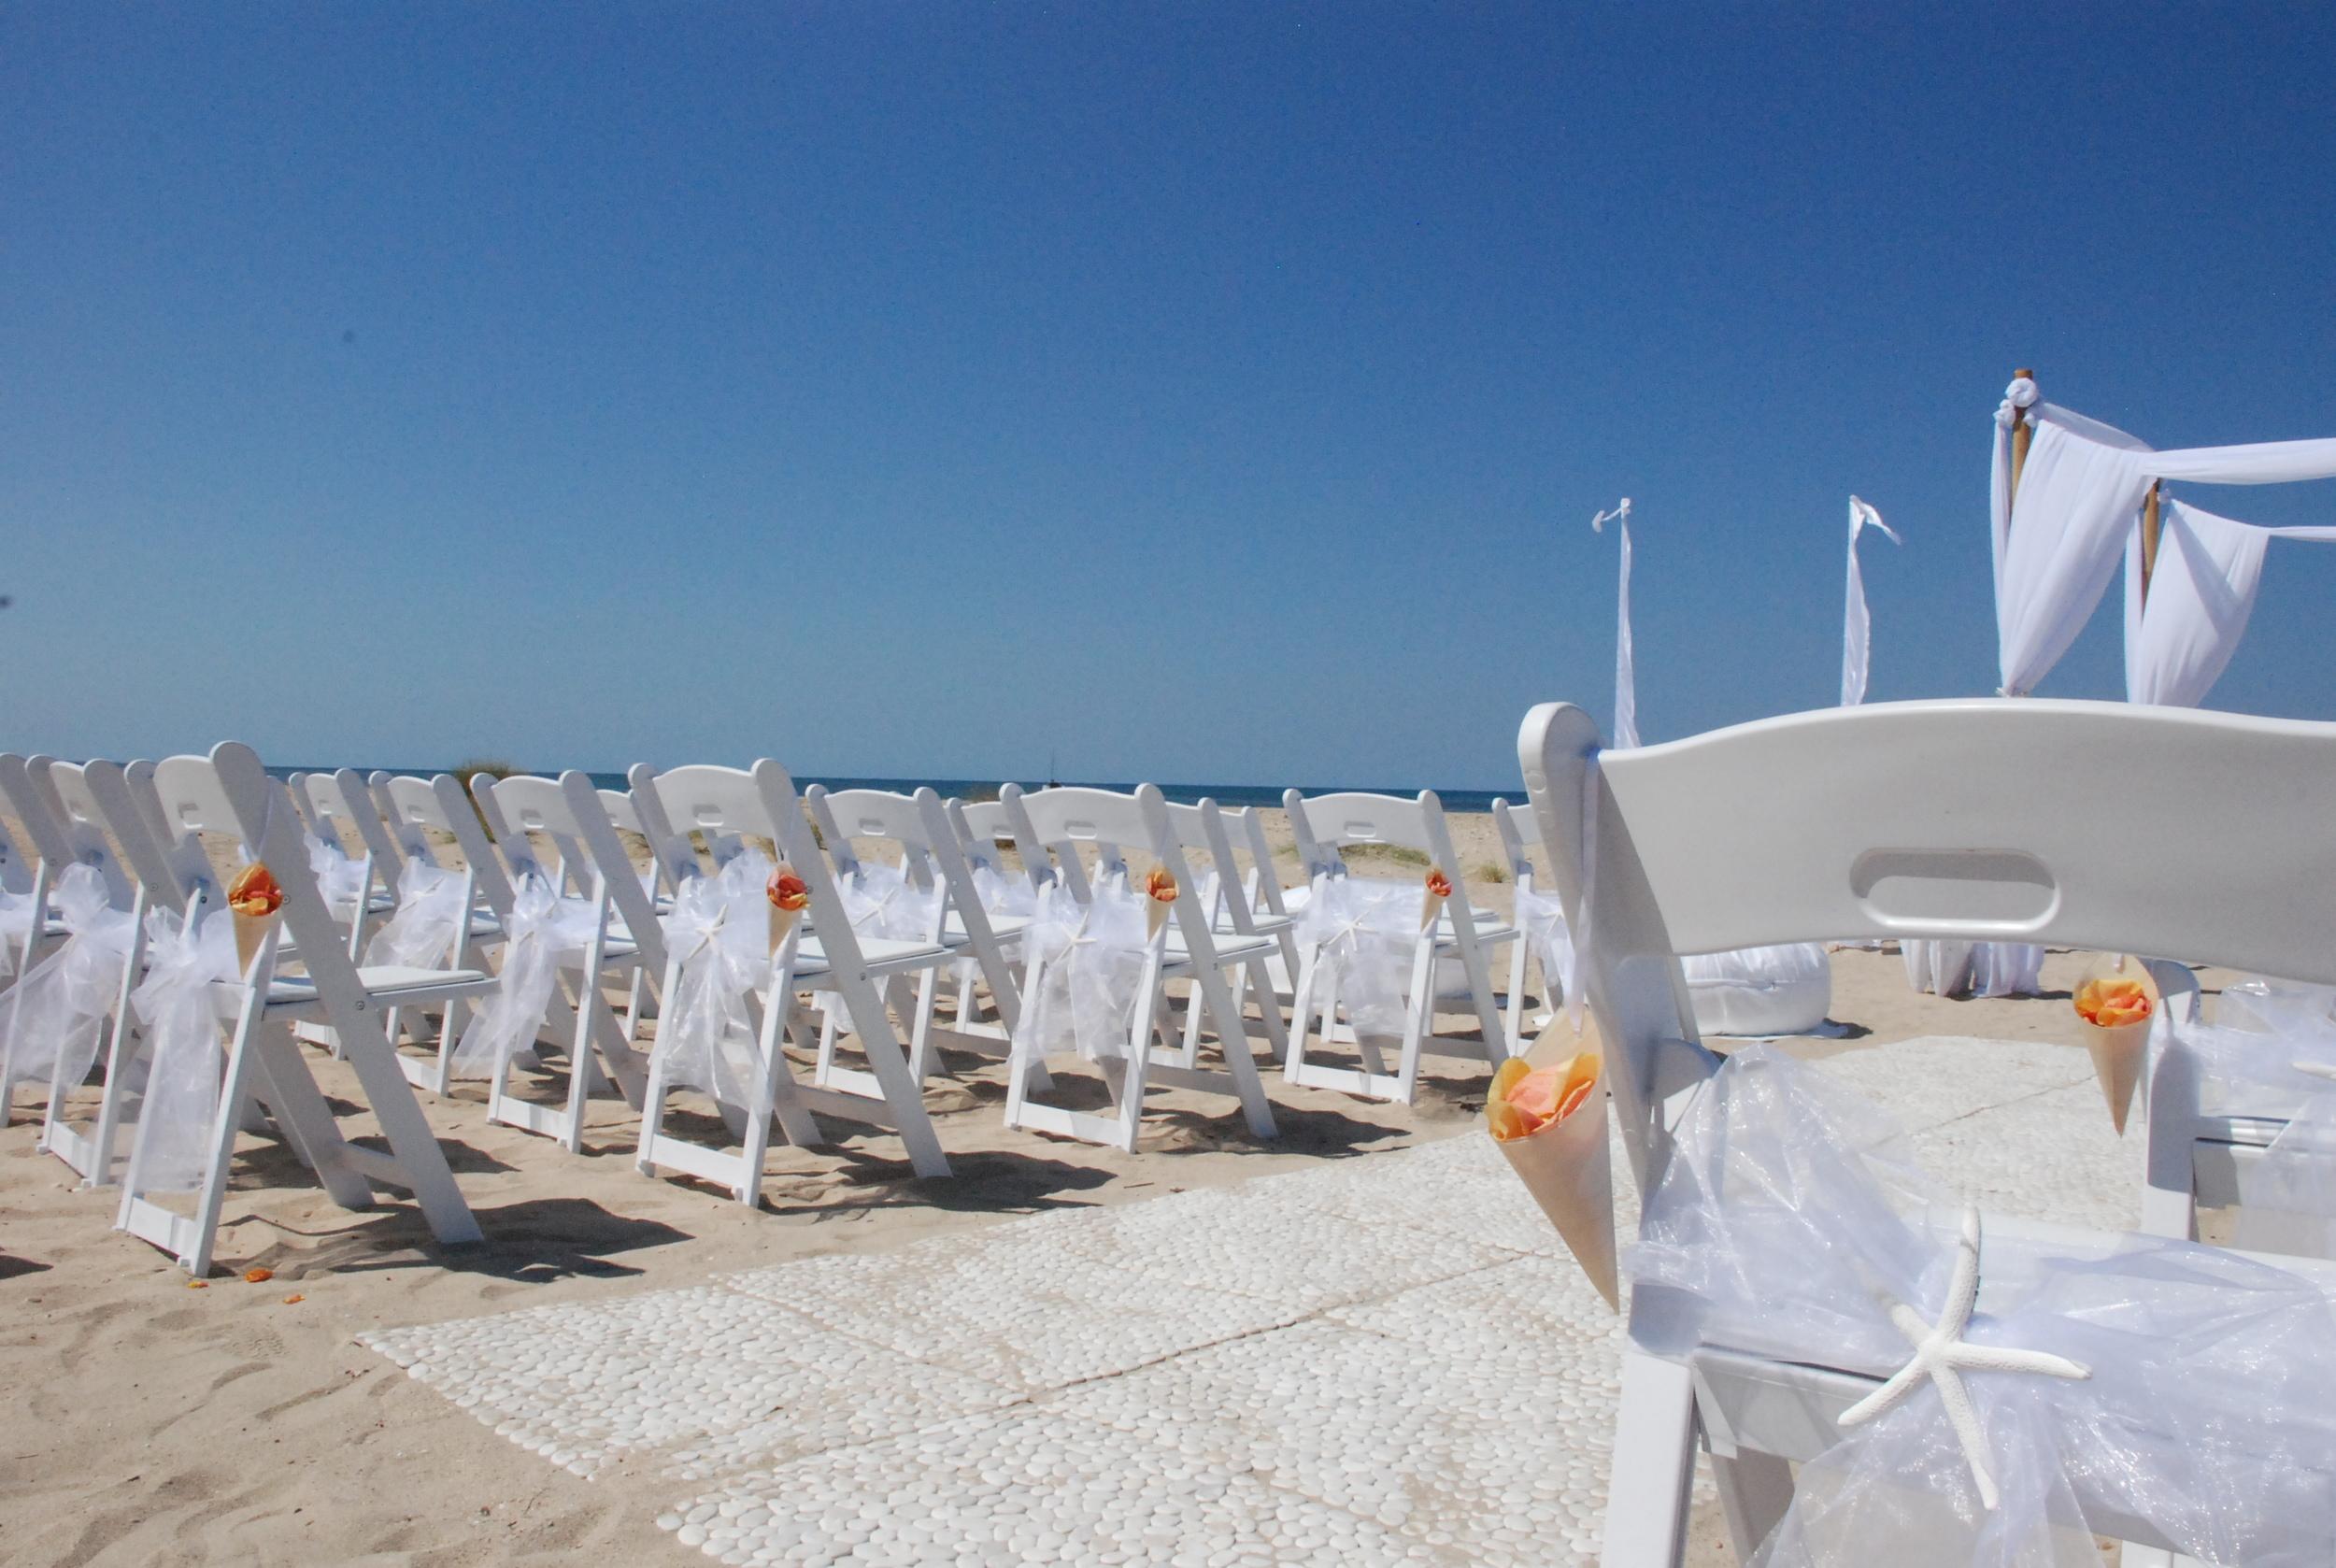 Pebble Matting, Gladiator Chairs & White Sashes with Starfish